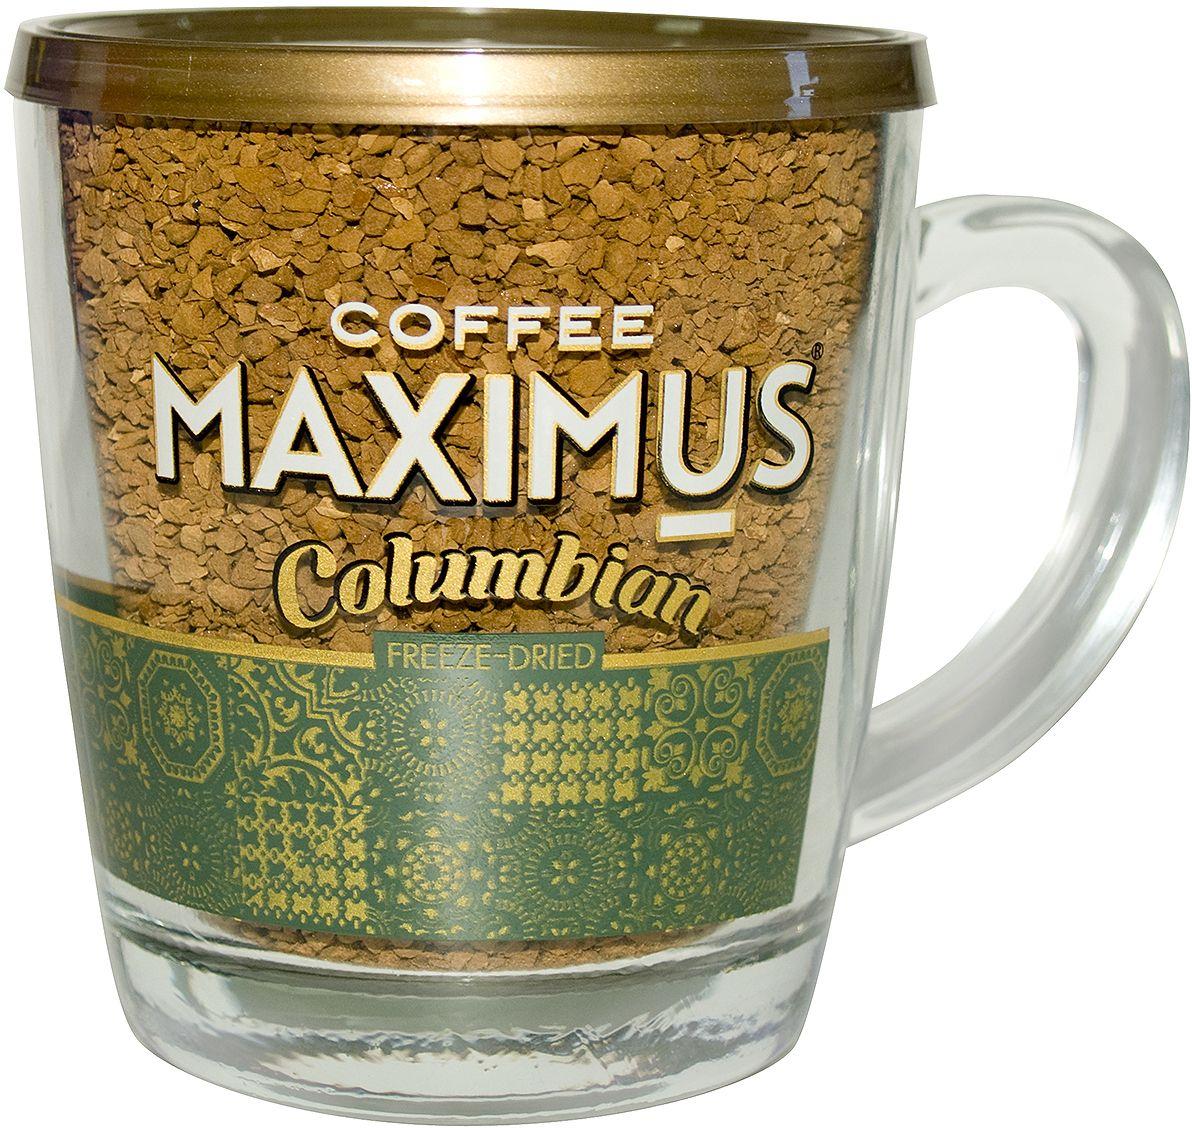 все цены на Maximus Columbian кофе растворимый в стеклянной кружке, 70 г онлайн